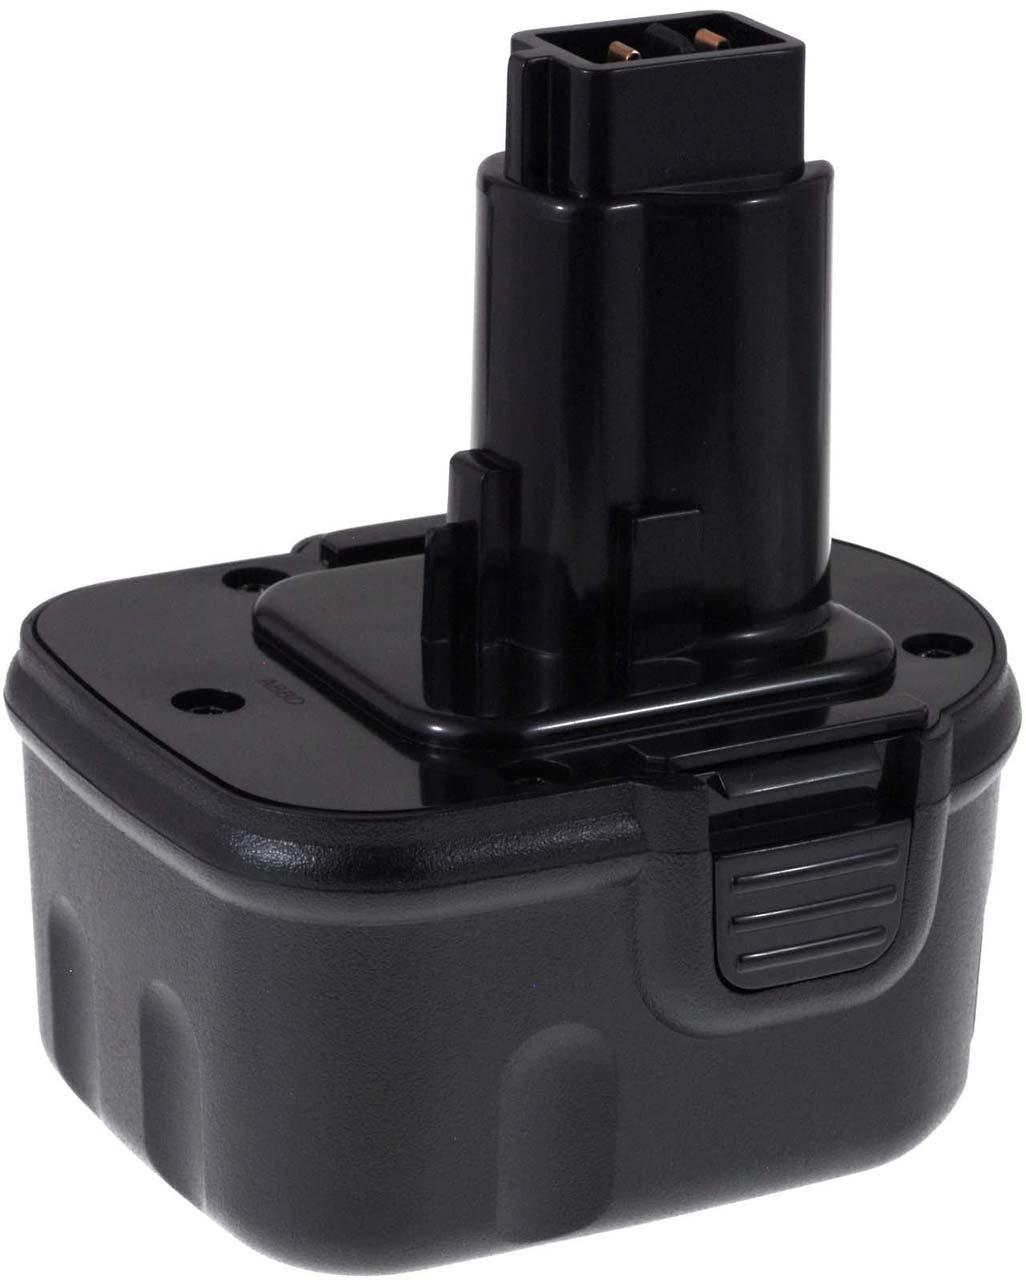 Batteria compatibile per DEWALT tipo DW9072 3000mAh gia. cella, NiMH, 12V, 36Wh, nero